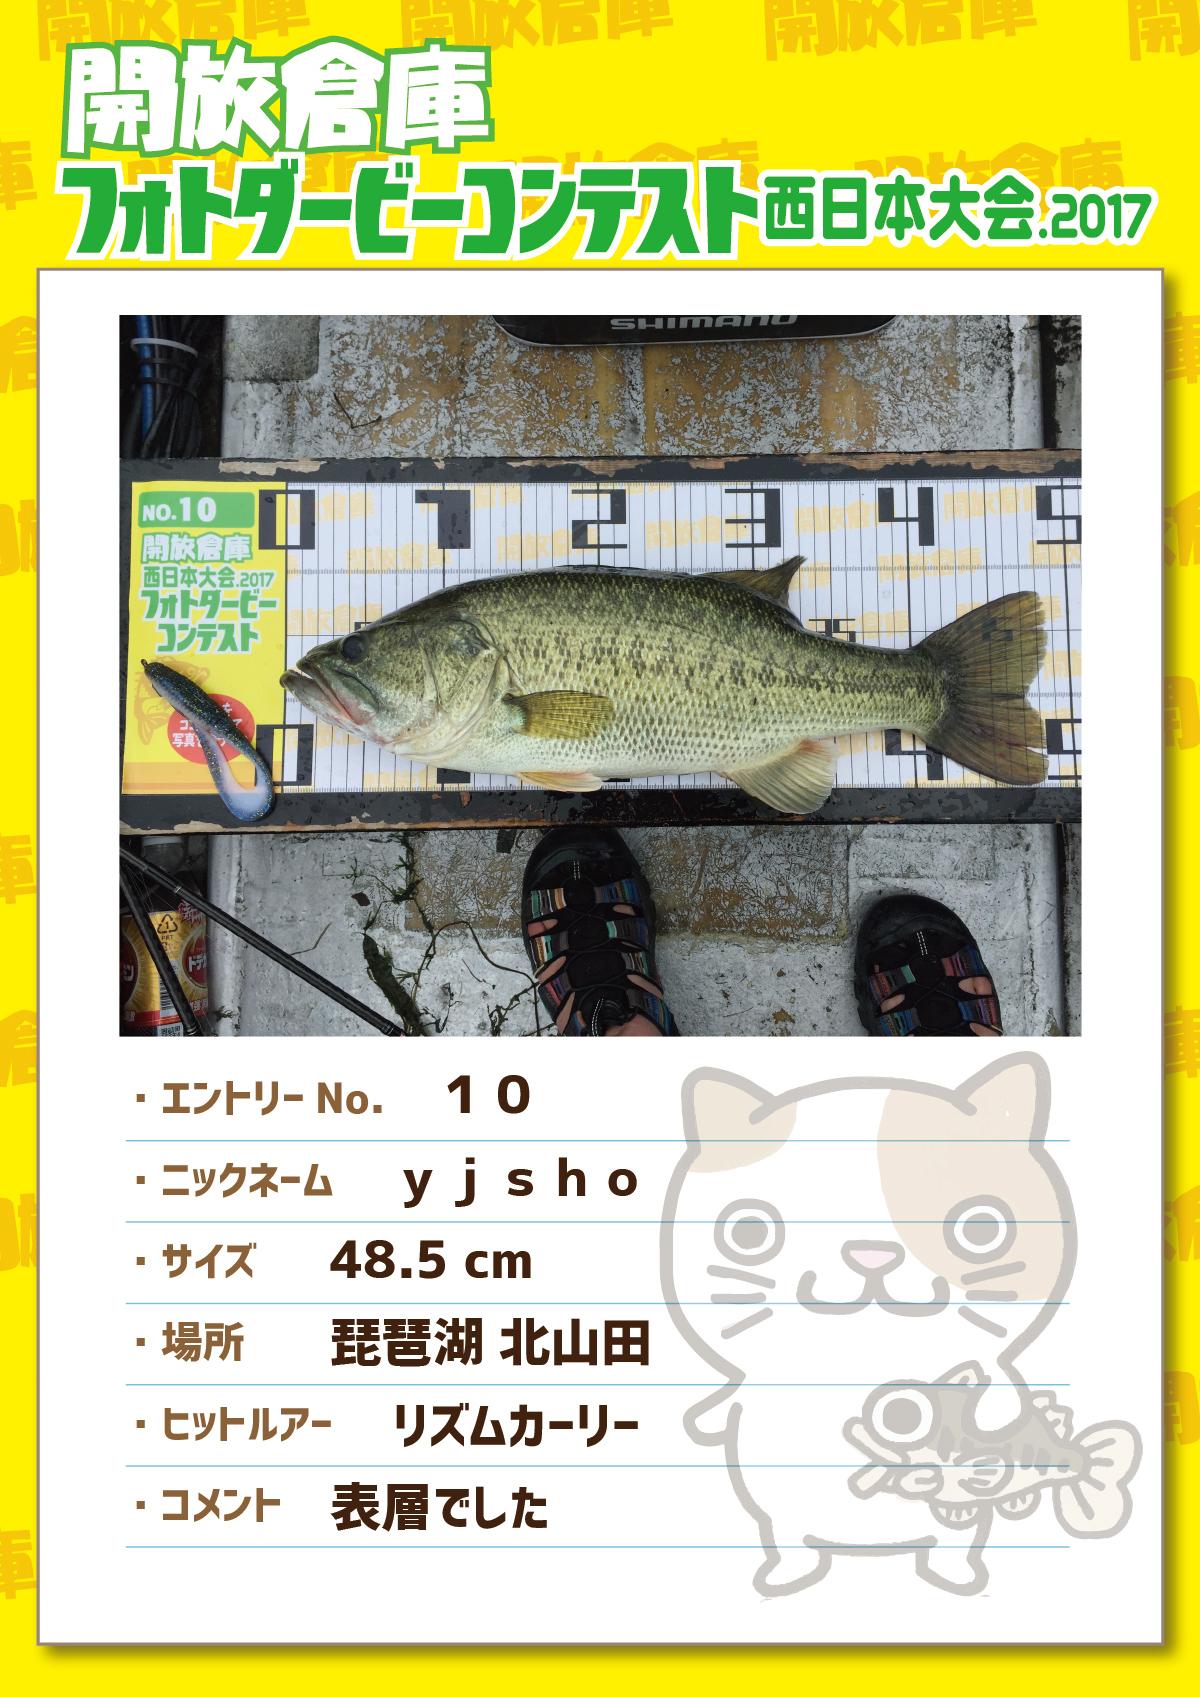 No.10 yjsho 48.5cm 琵琶湖北山田 リズムカーリー 表層でした